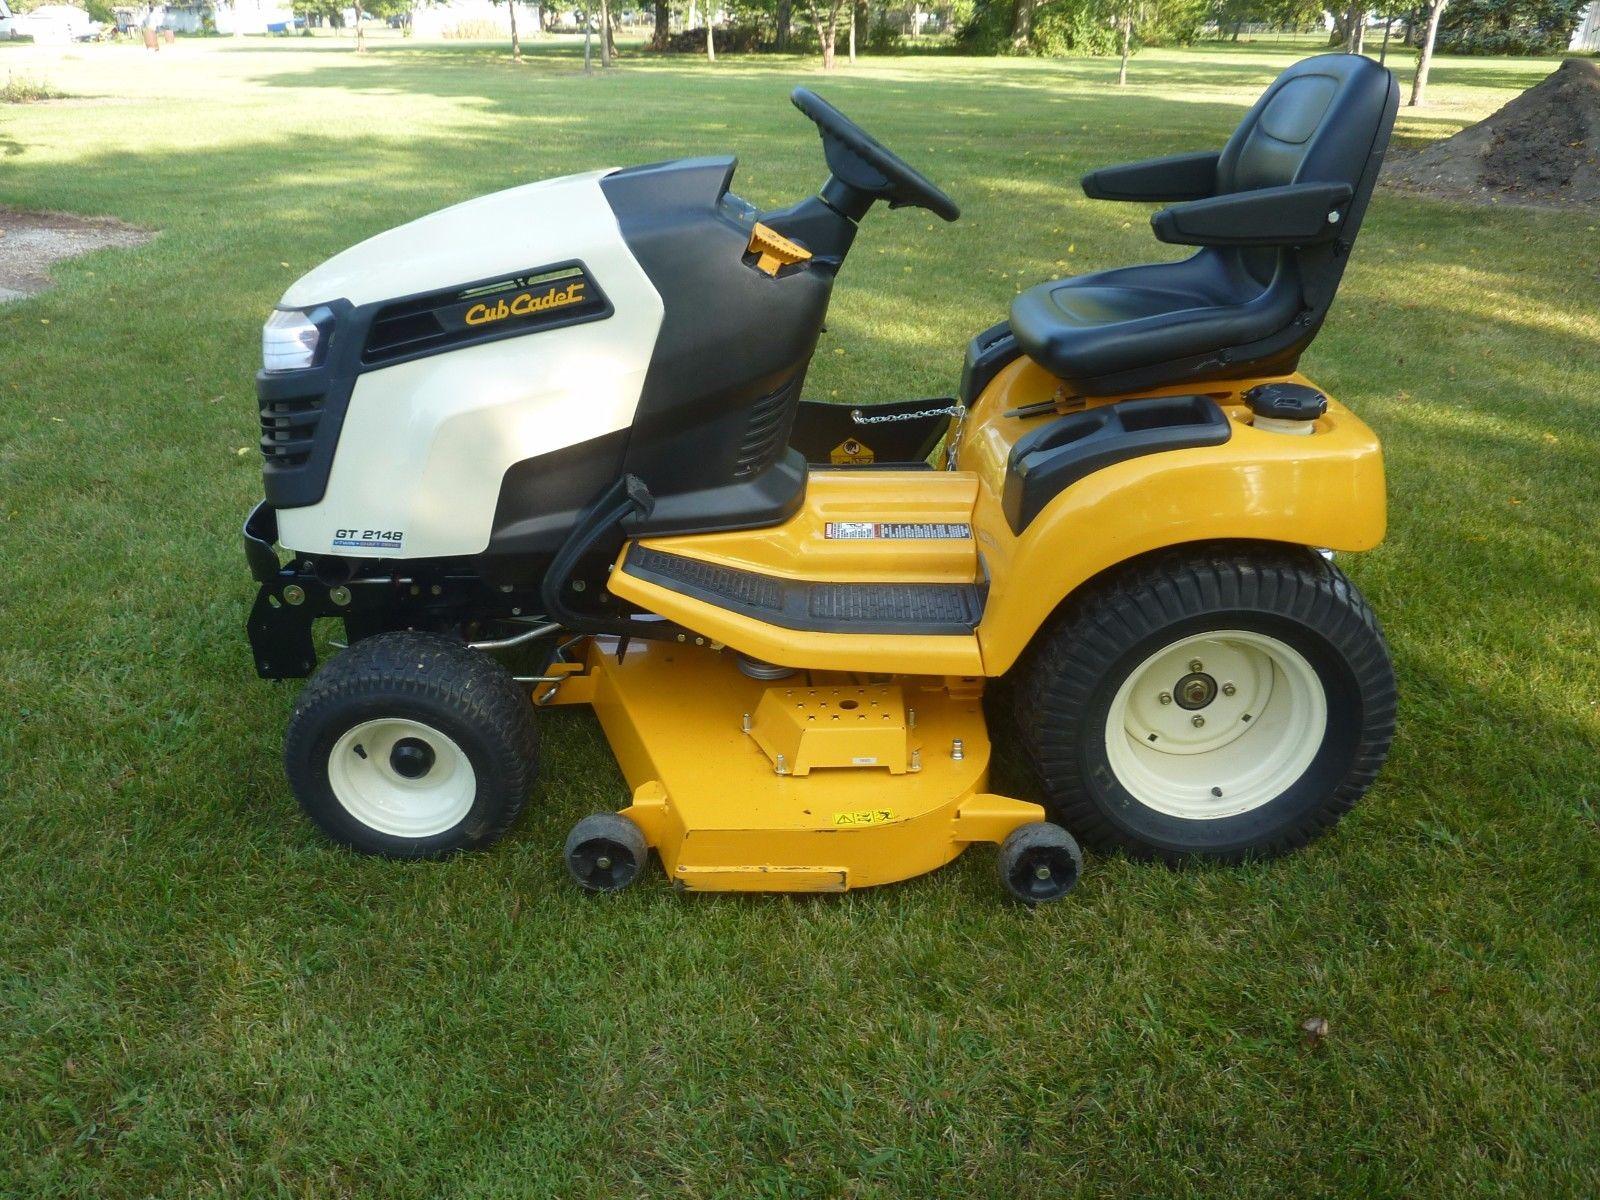 Garden Tractor Headlight : Cub cadet garden tractors price list key specs images※